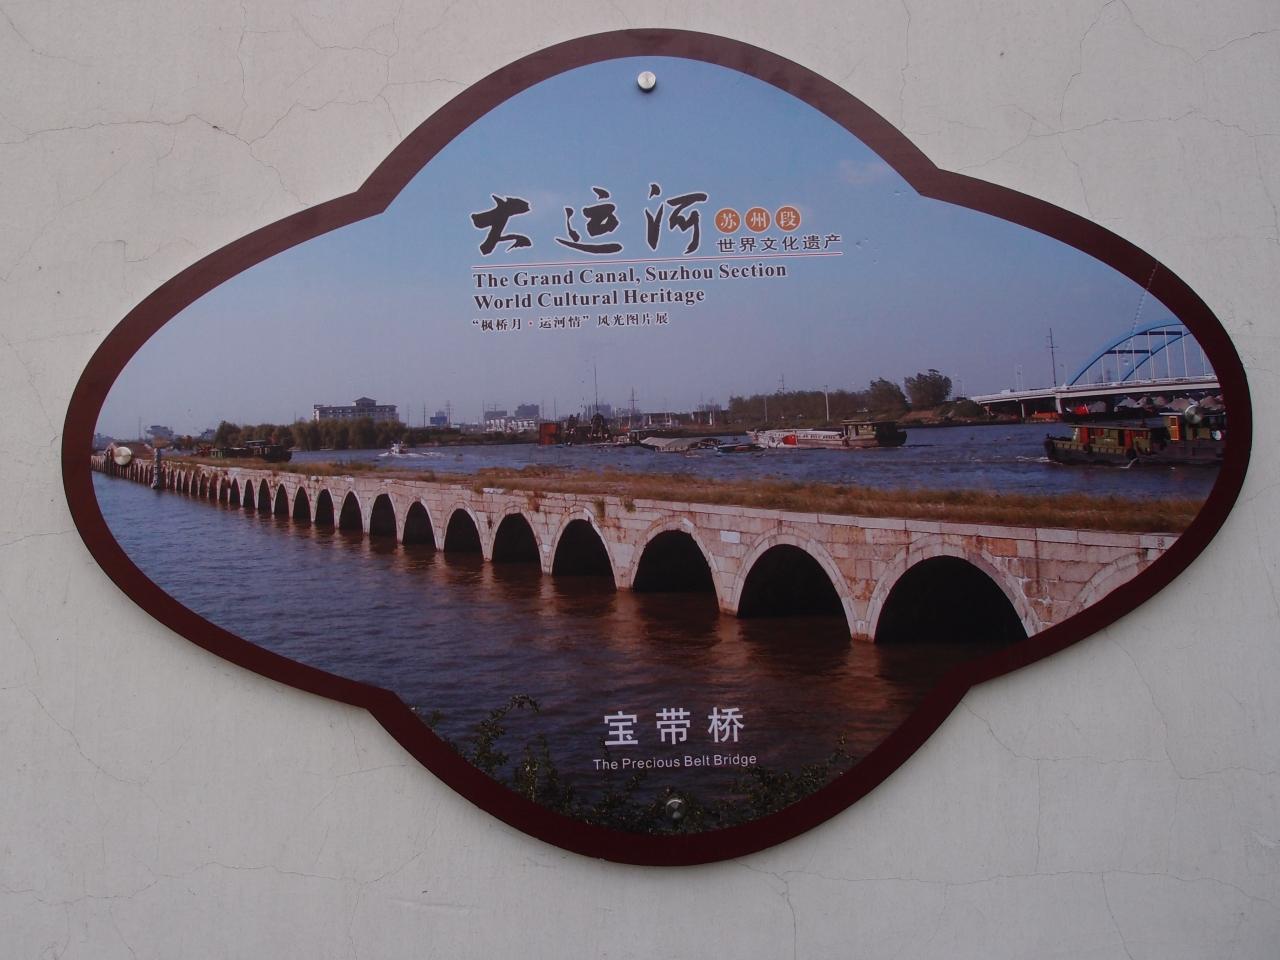 京杭大運河の画像 p1_29